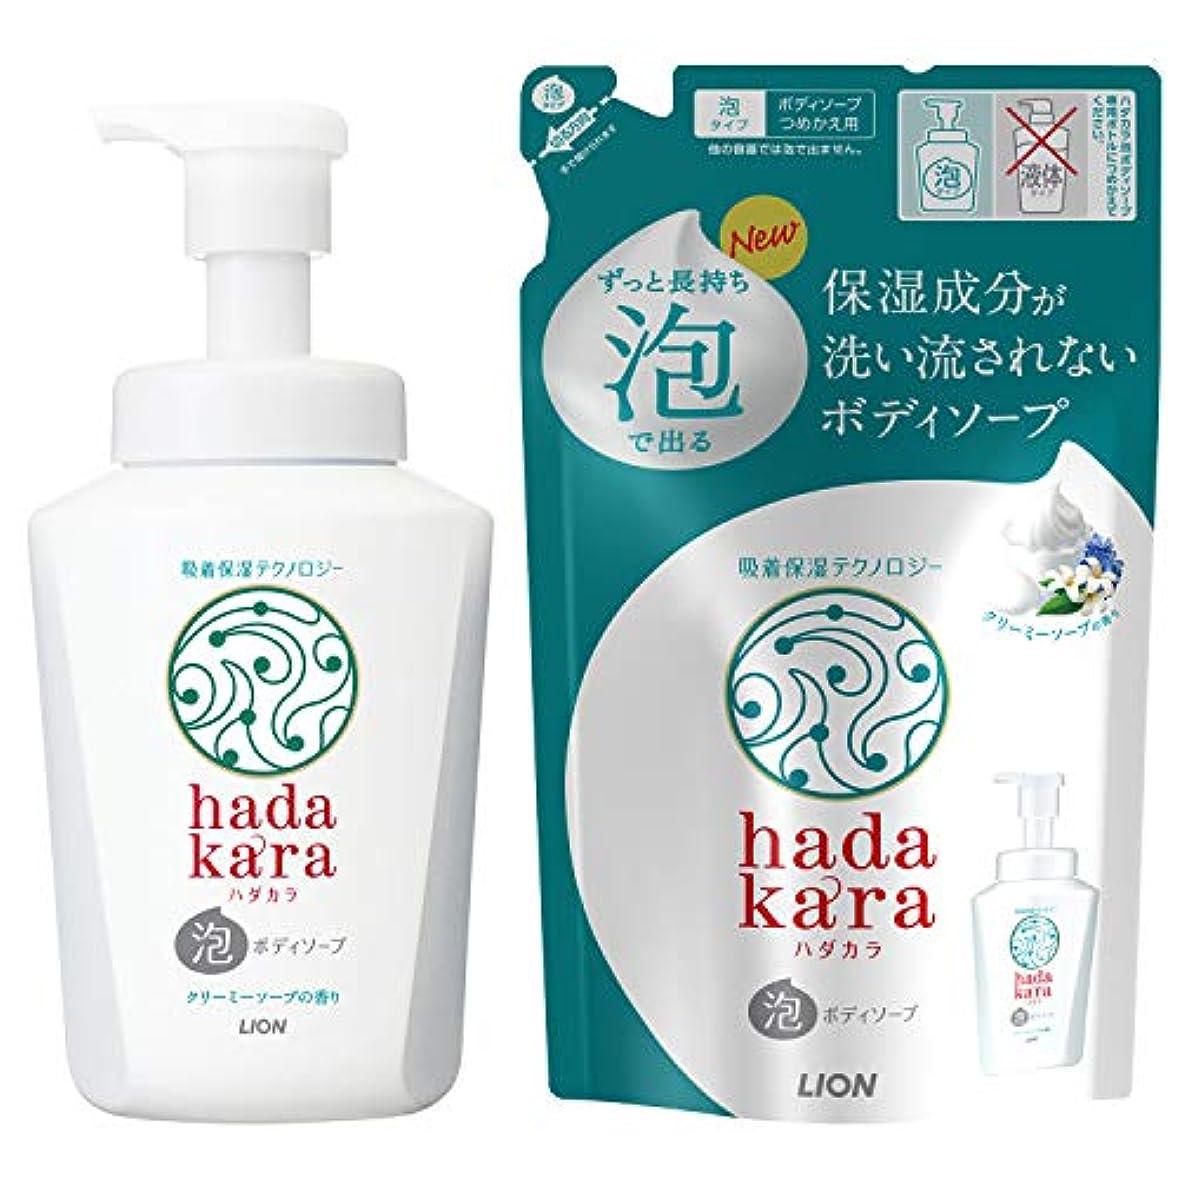 図飛行場株式会社hadakara(ハダカラ) ボディソープ 泡タイプ クリーミーソープの香り 本体550ml+詰替440ml